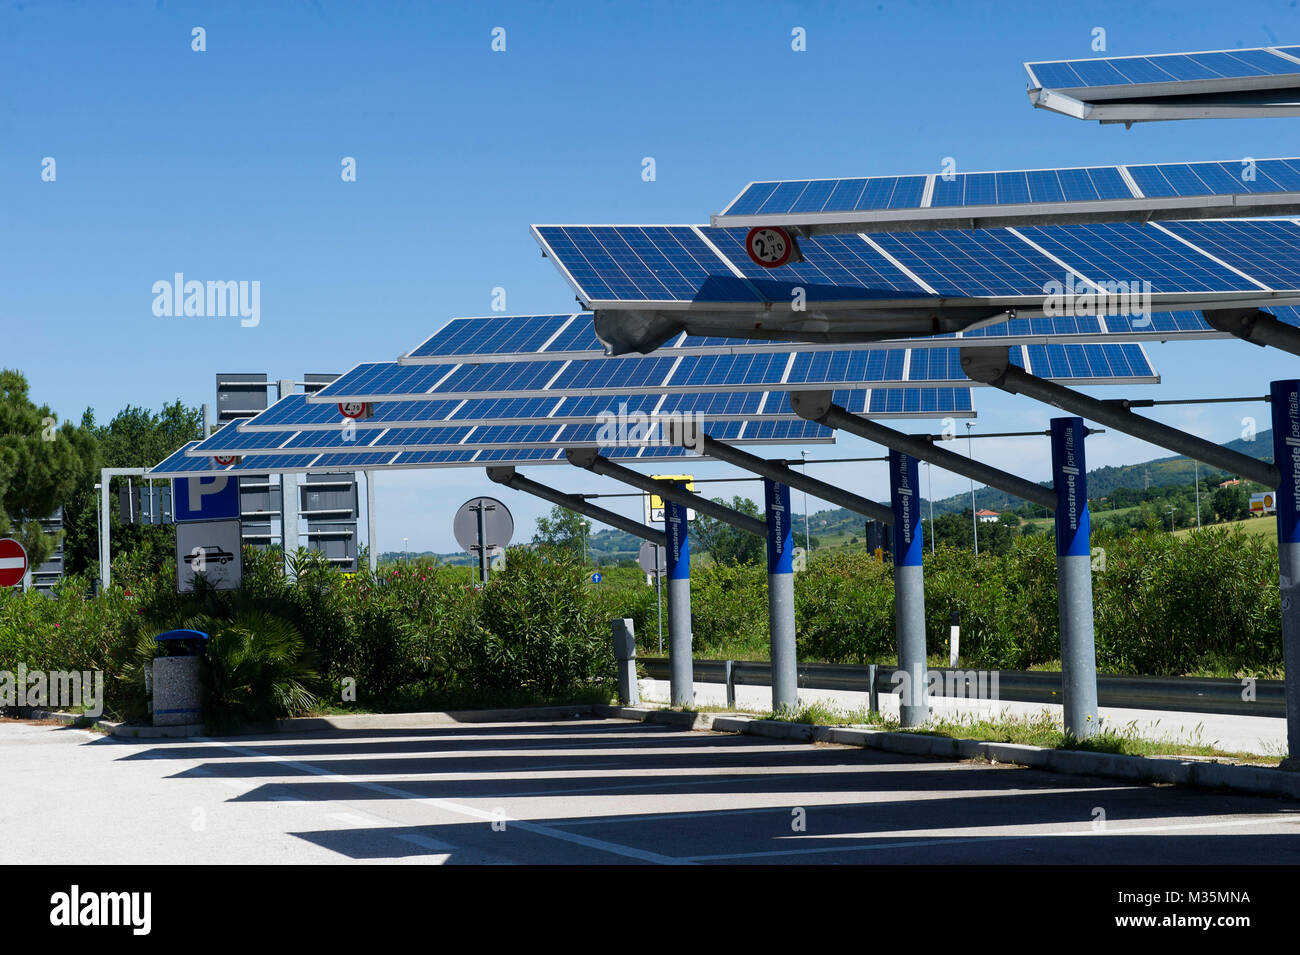 Installato pannelli solari sulle aree di parcheggio delle autostrade italiane Immagini Stock